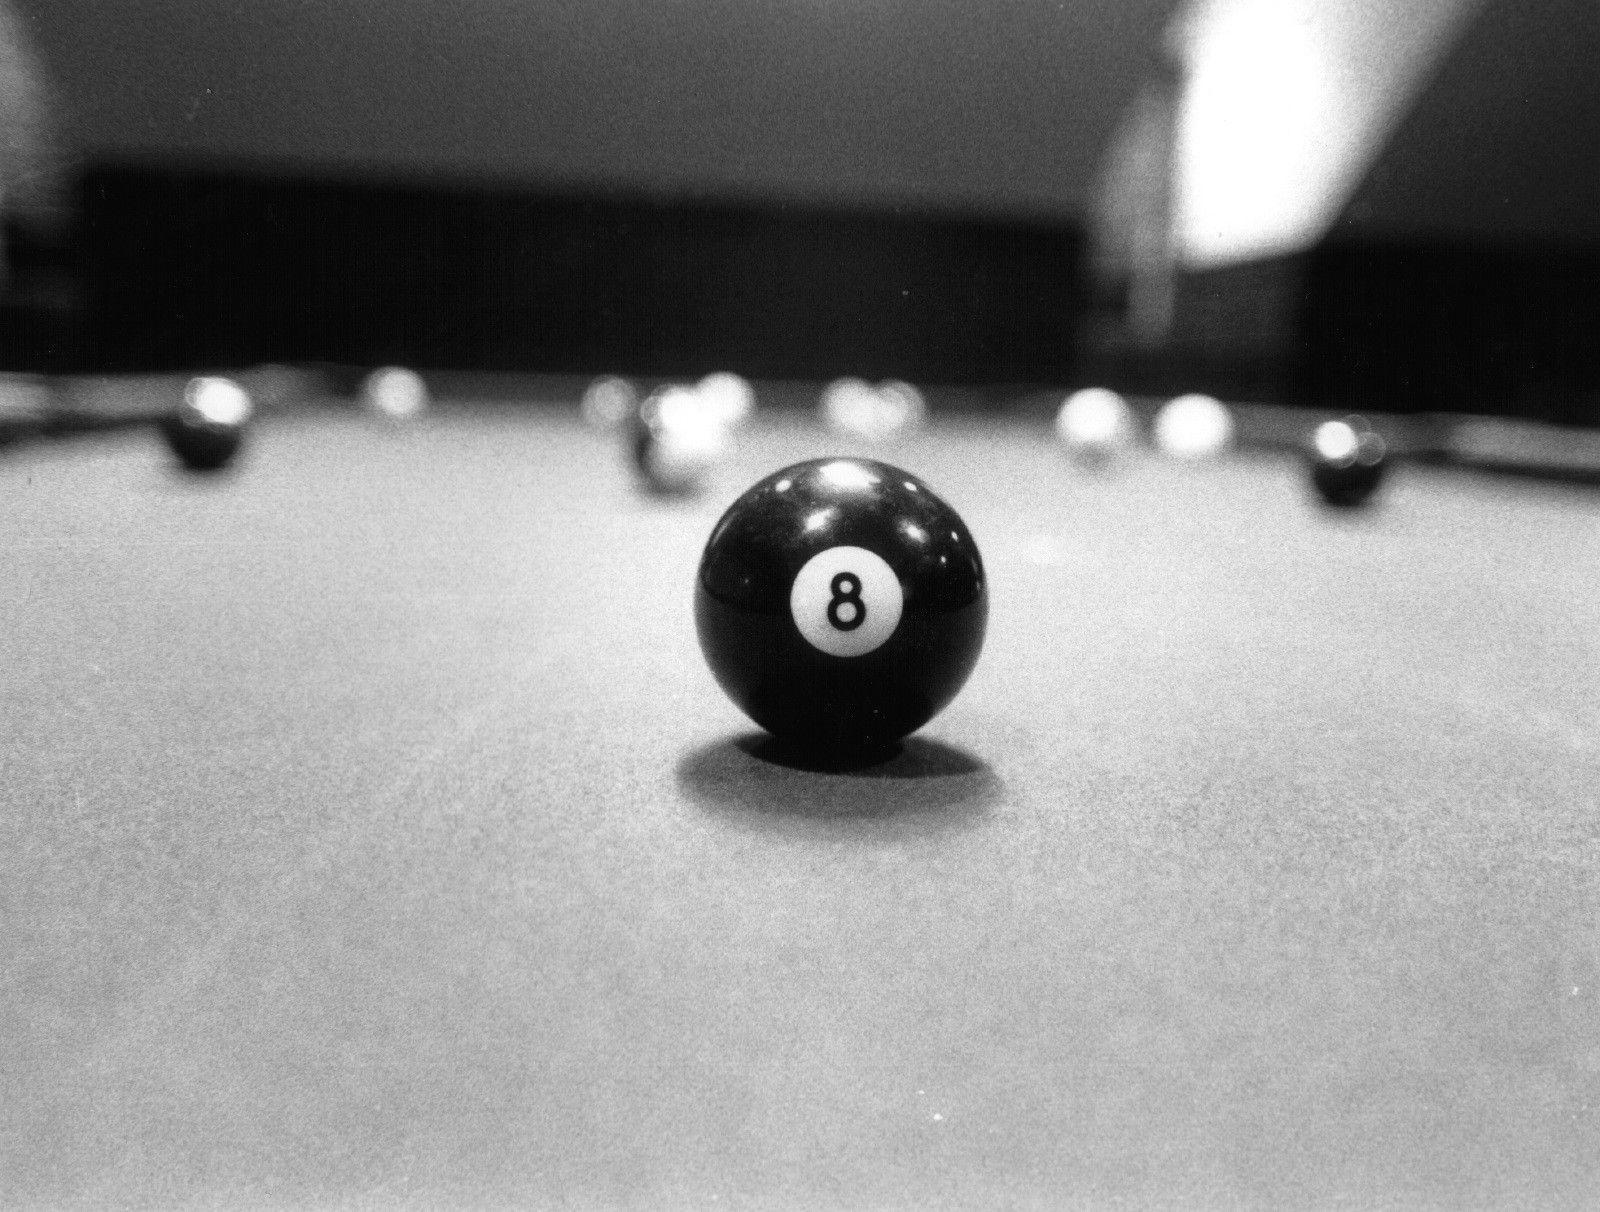 8er Ball